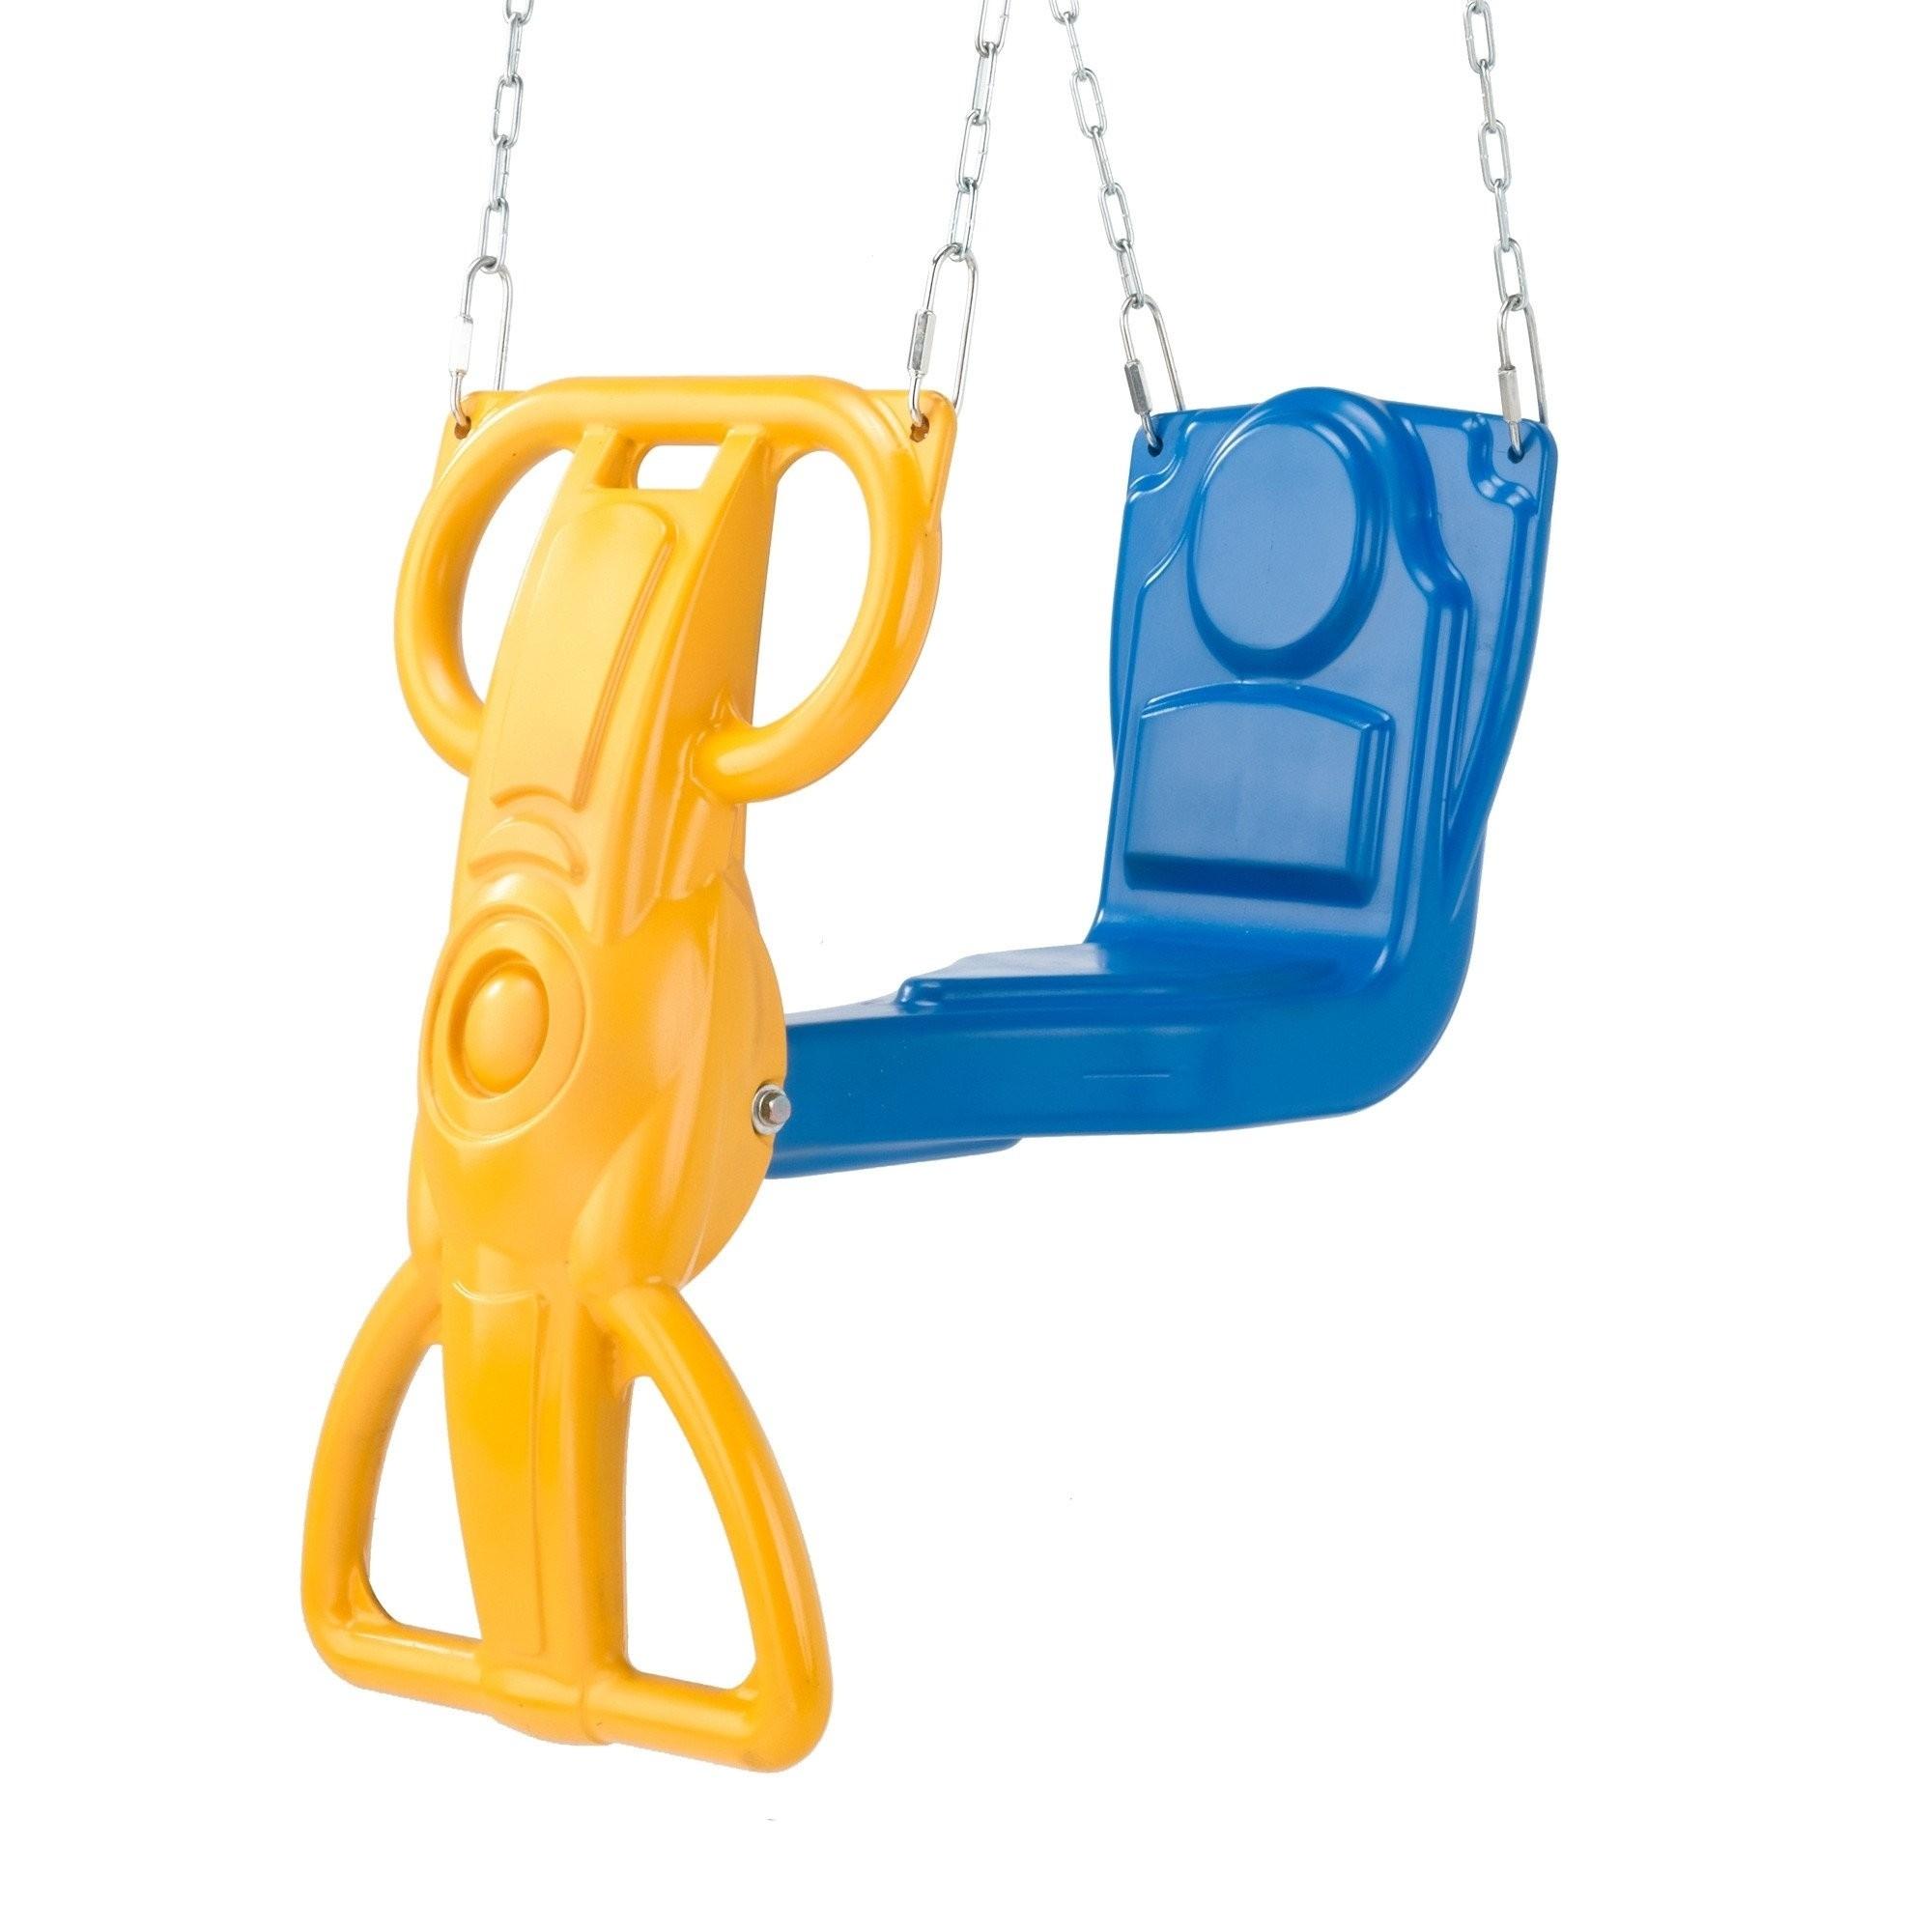 Kids Outdoor Garden Four Swing Set 4 Metal Children's 6 Seats Glider /& Cradle